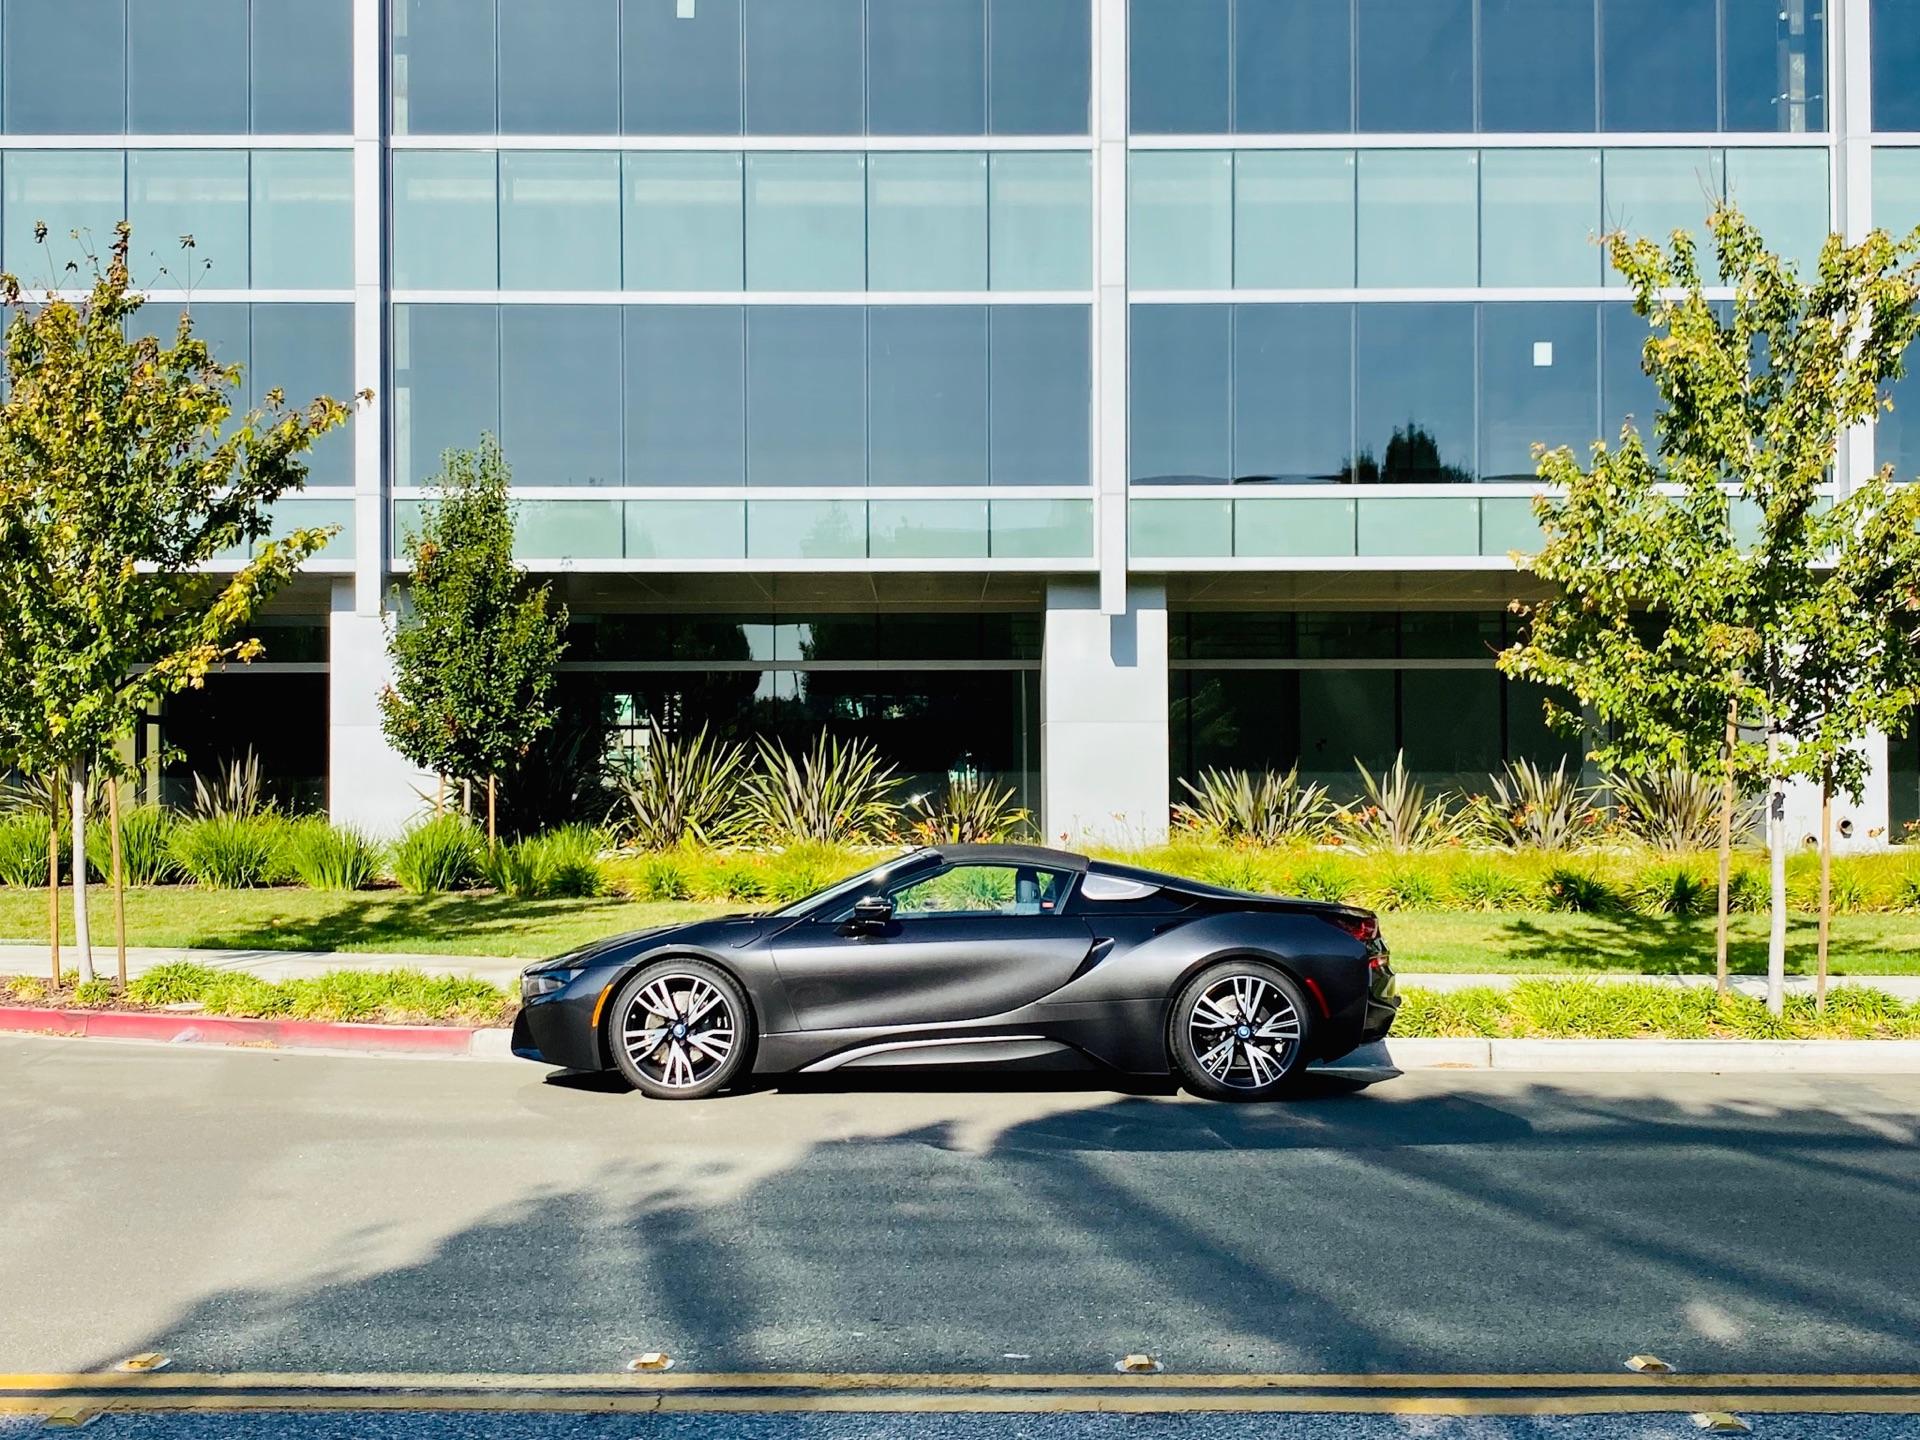 2019 BMW i8 - photo 0